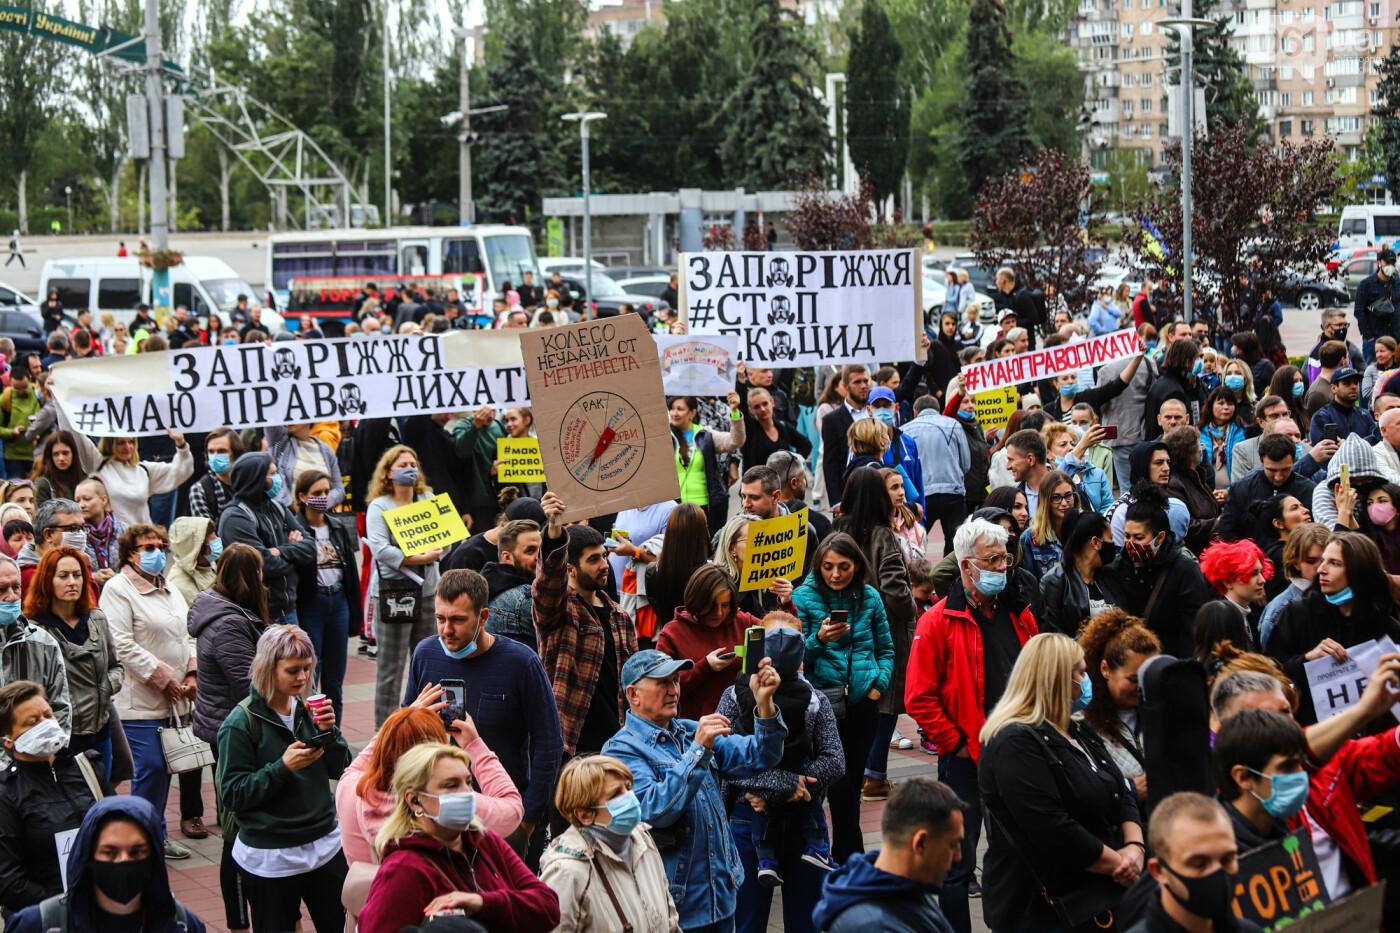 Маю право дихати: тысячи запорожцев вышли на экологический митинг, ФОТО, ВИДЕО, фото-19